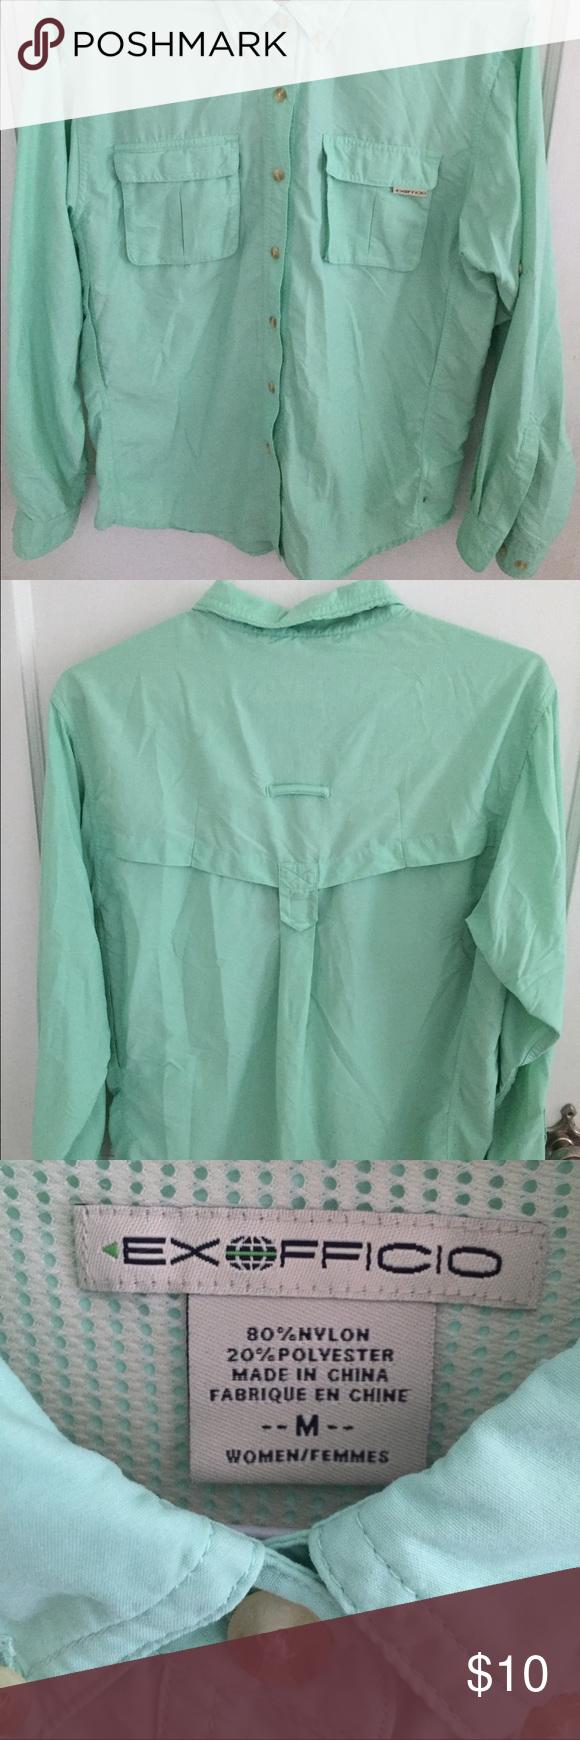 Mint Green Fishing Shirt Super Cute Fishing Shirt Perfect For A